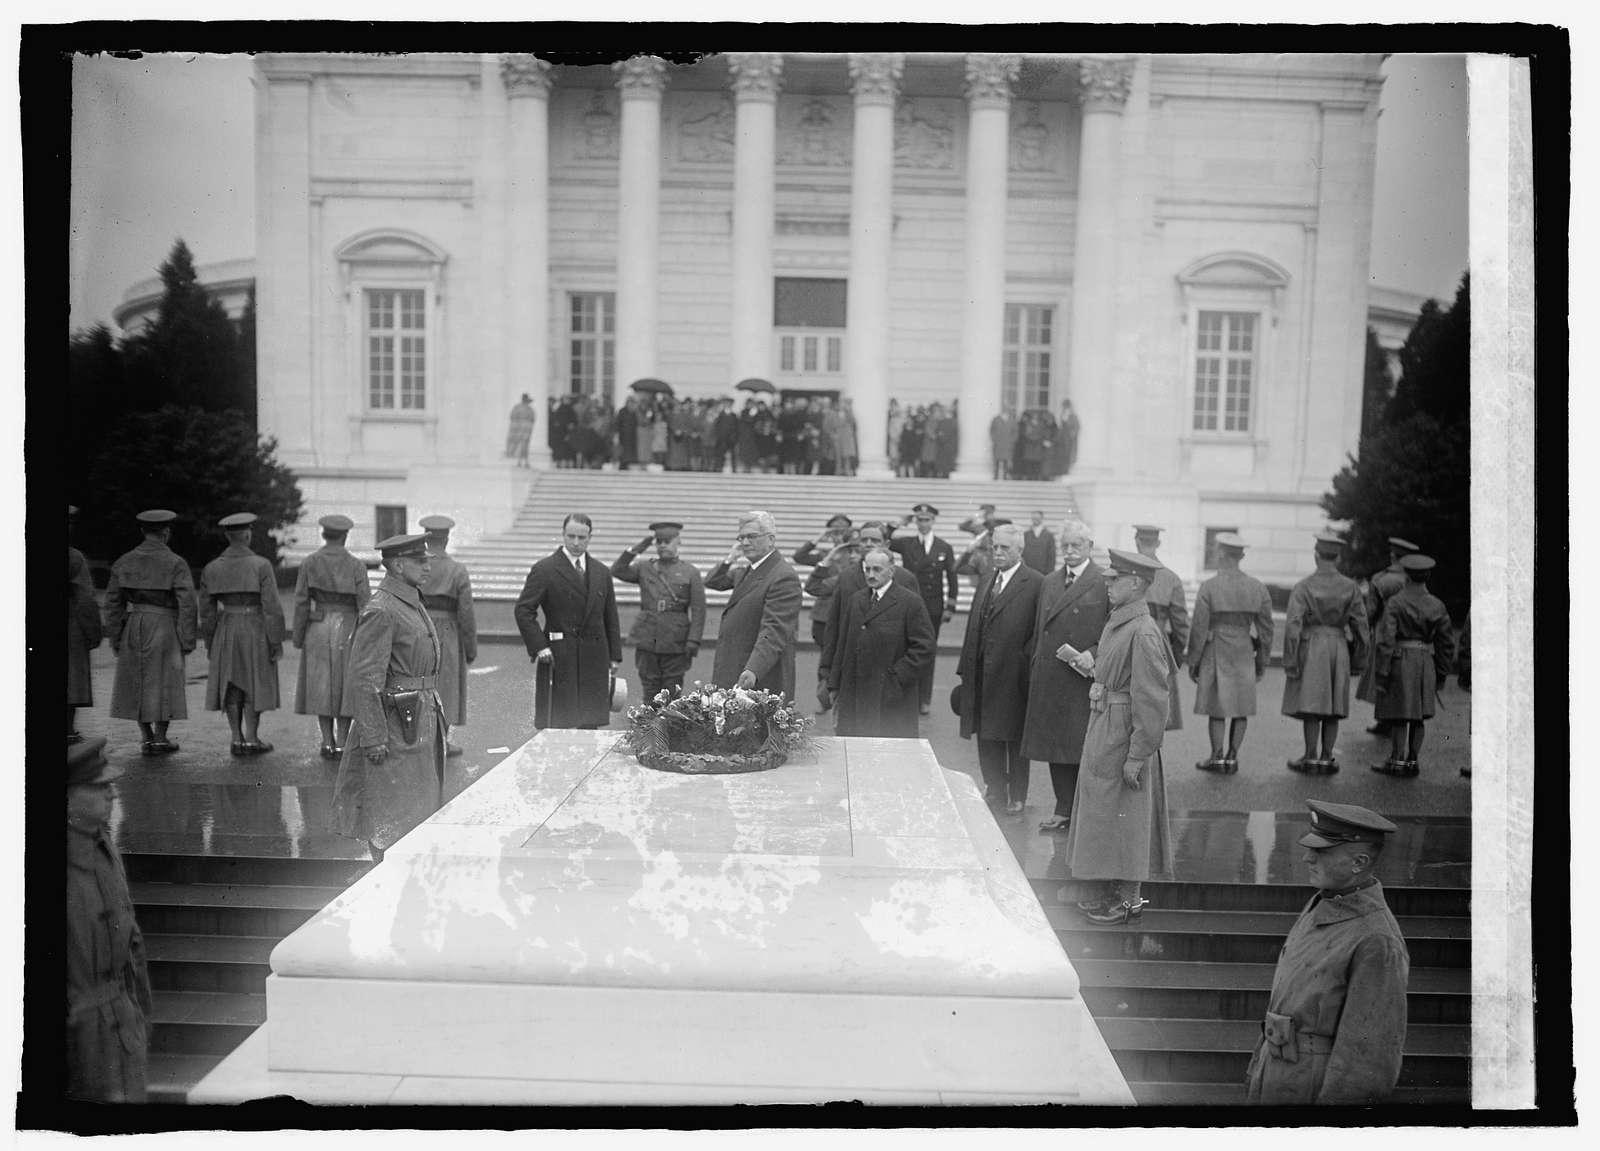 Senor Gerardo Machado at Tomb of the Unknown Soldier, Arlington, Virginia, 41725